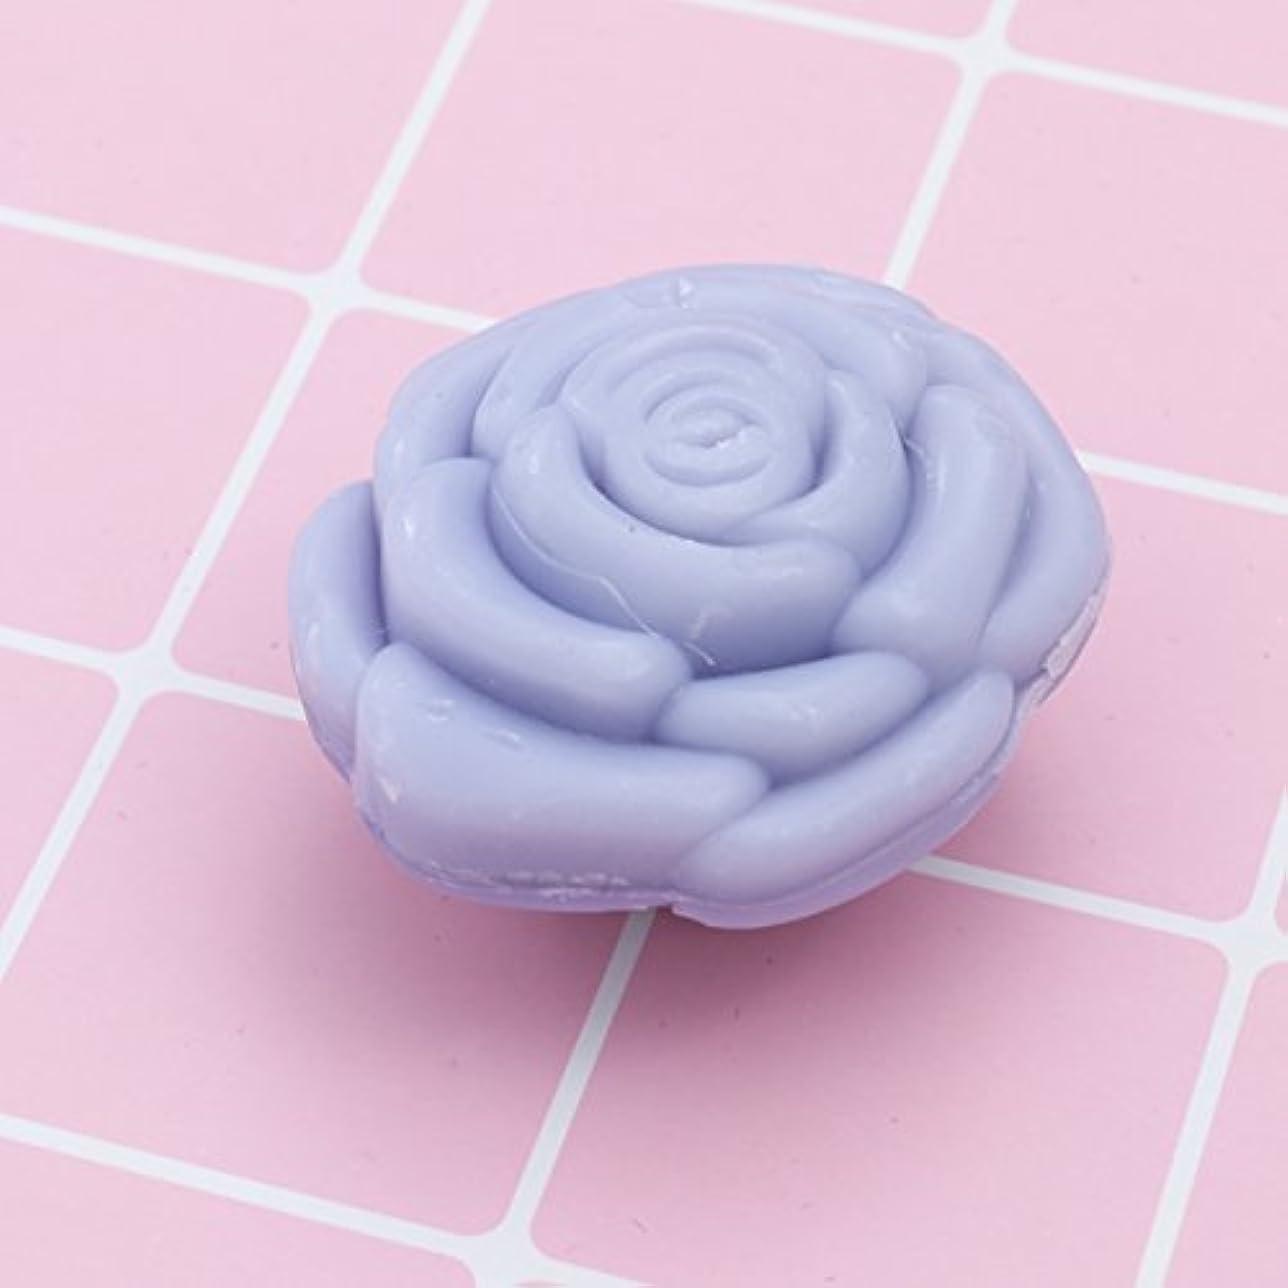 寝てるコーナー兵隊Amosfun 手作り石鹸オイルローズフラワーソープアロマエッセンシャルオイルギフト記念日誕生日結婚式バレンタインデー(紫)20ピース